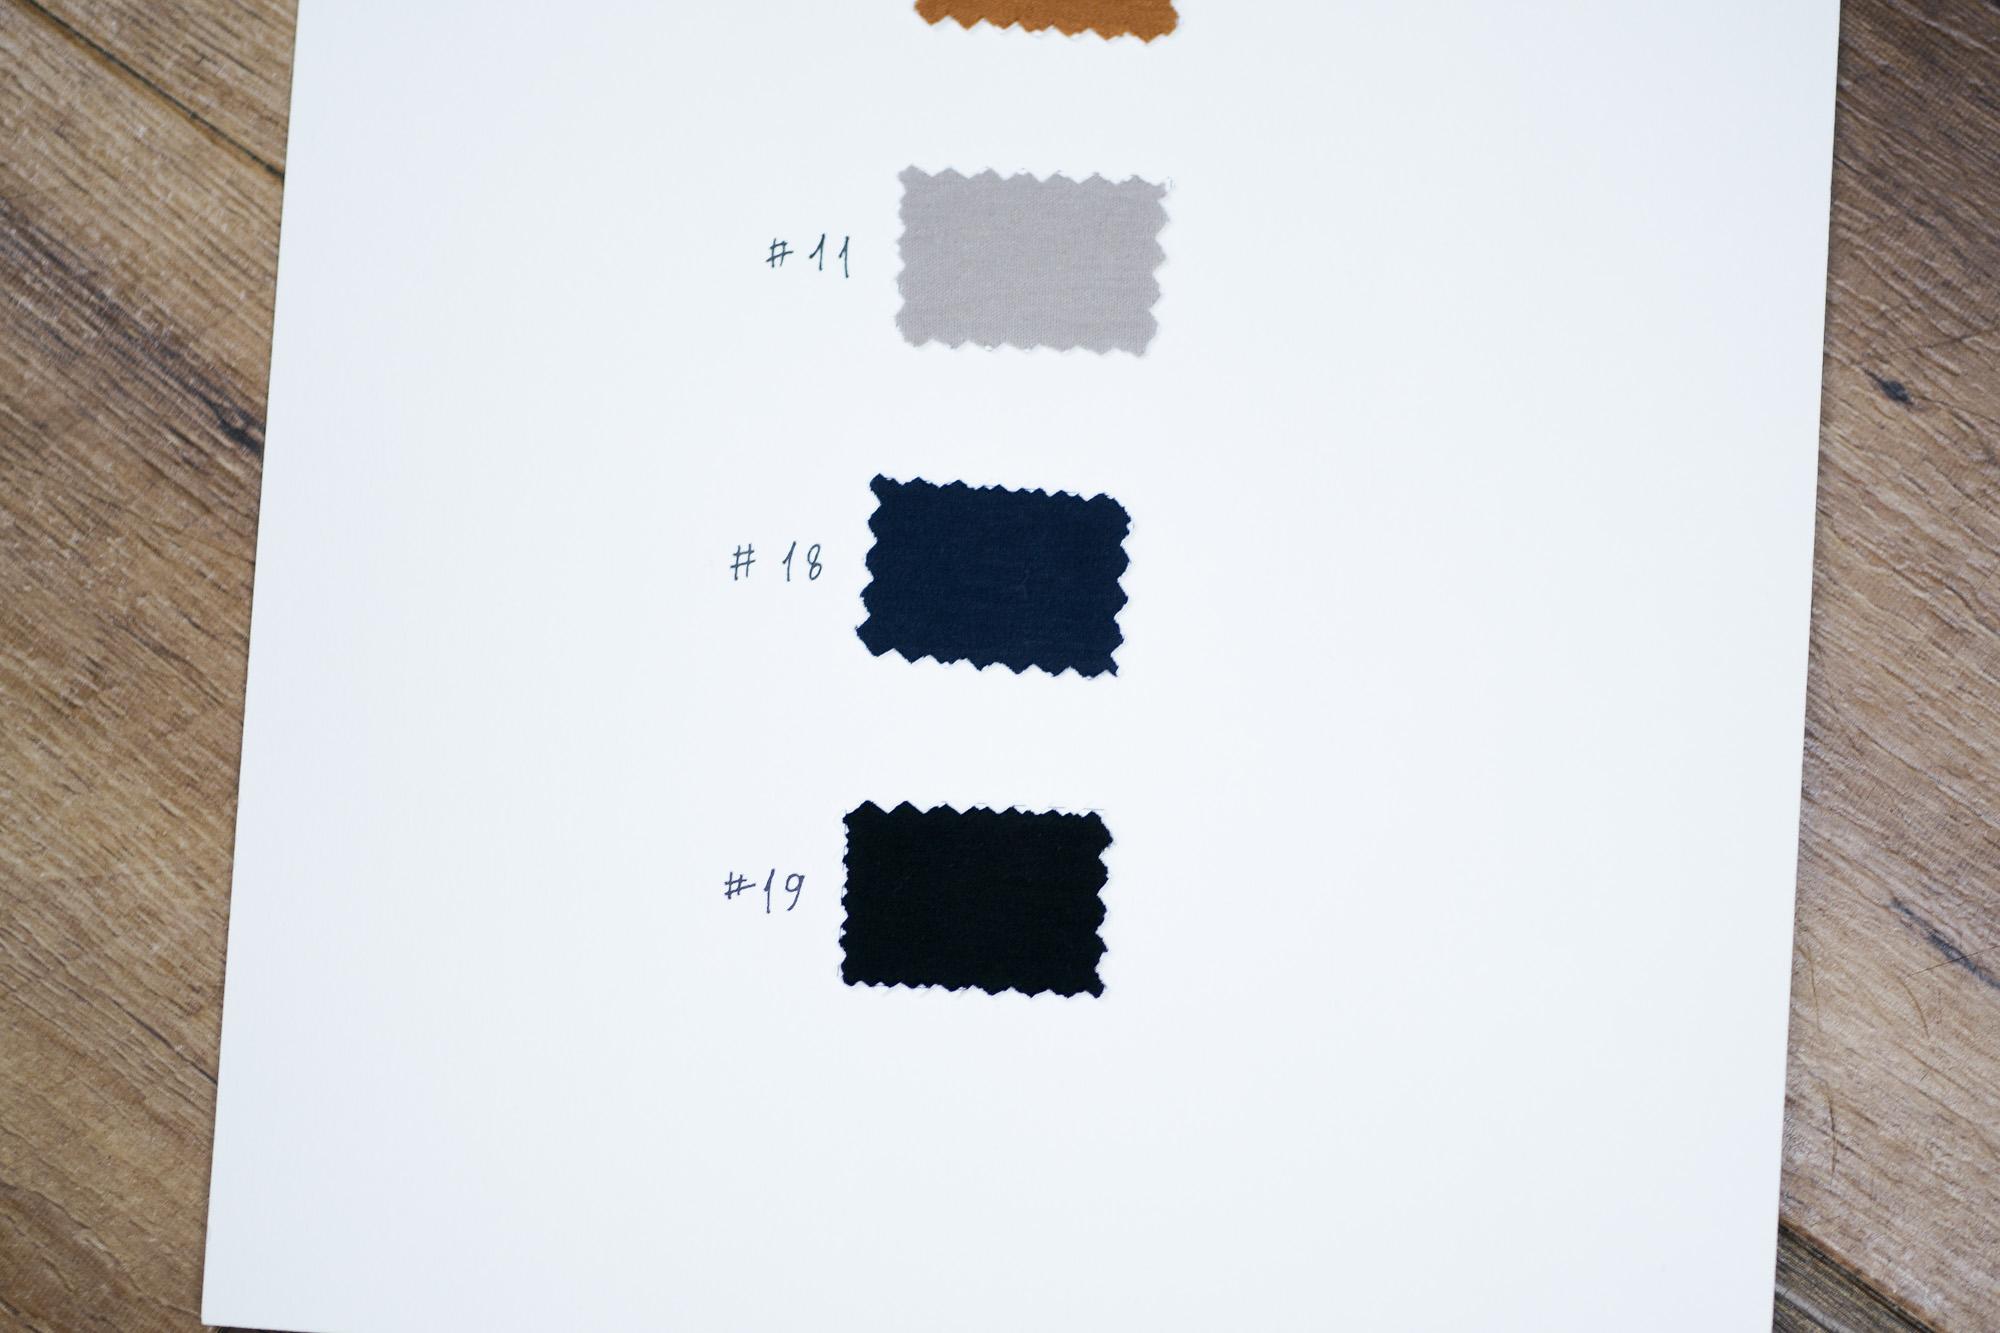 nomiamo (ノミアモ) SUPIMA 80/1 Key Neck T-shirt スーピマコットン キーネック Tシャツ GRAY (グレー) 2021 春夏 【Alto e Diritto別注】【Special限定モデル】【ご予約開始】愛知 名古屋 Altoediritto アルトエデリット カットソー 半袖Tシャツ